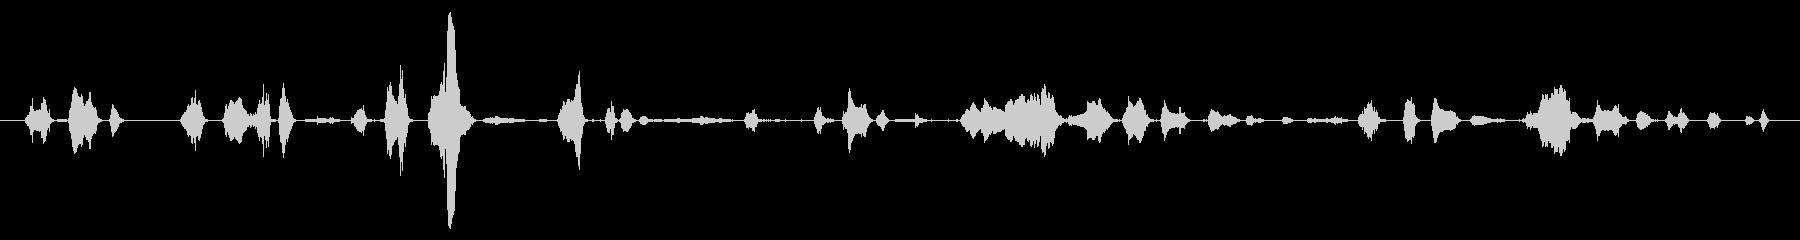 鳴き声 チャイルドラフティックル01の未再生の波形